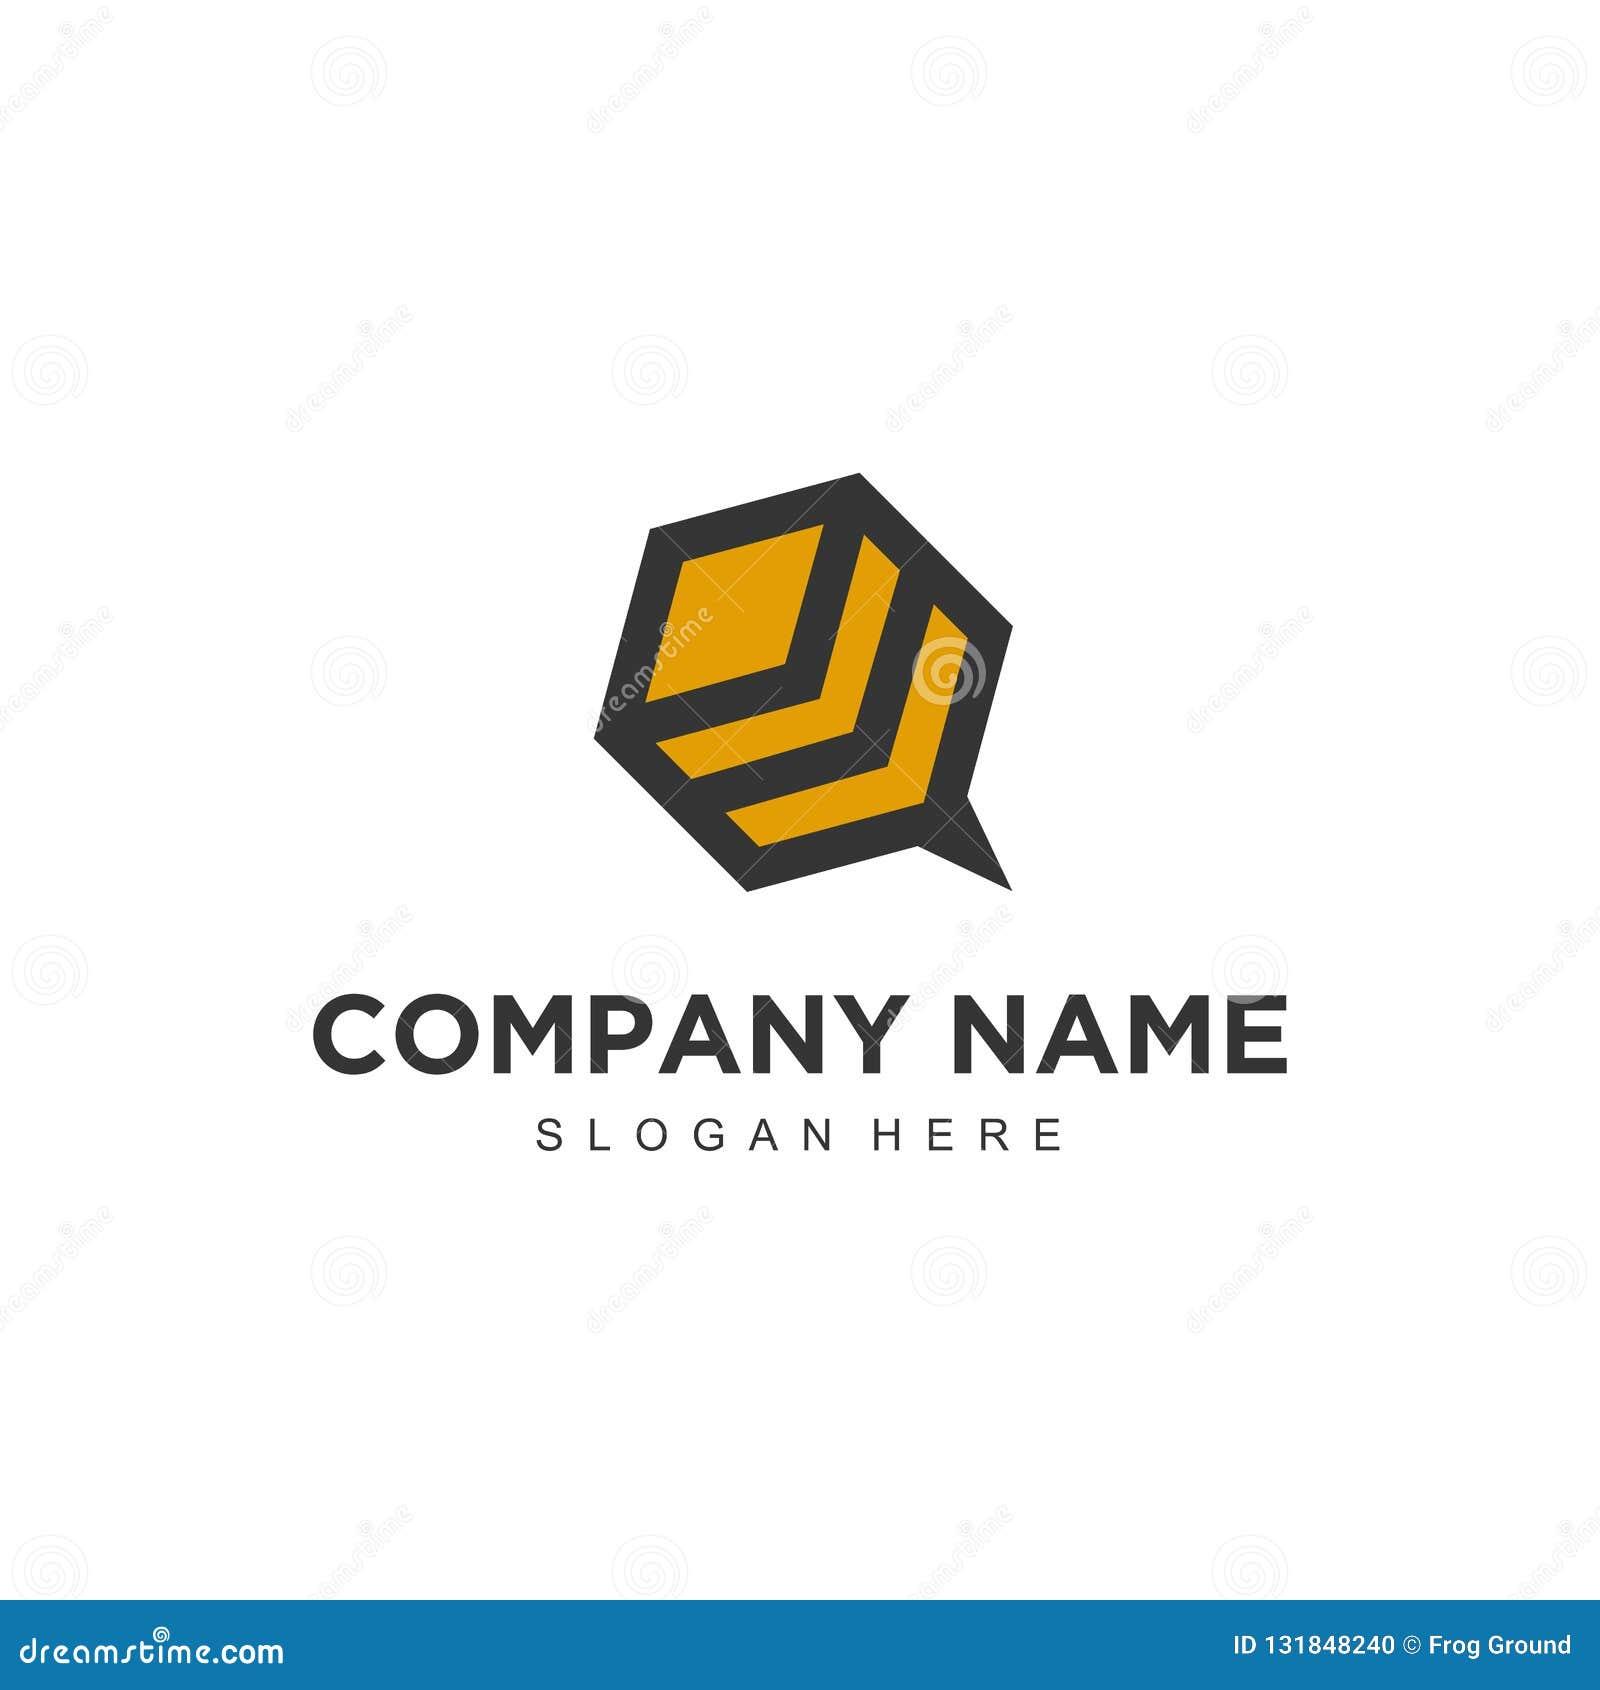 Projeto profissional moderno minimalistic simples do logotipo do molde do ilustrador do EPS do vetor da abelha